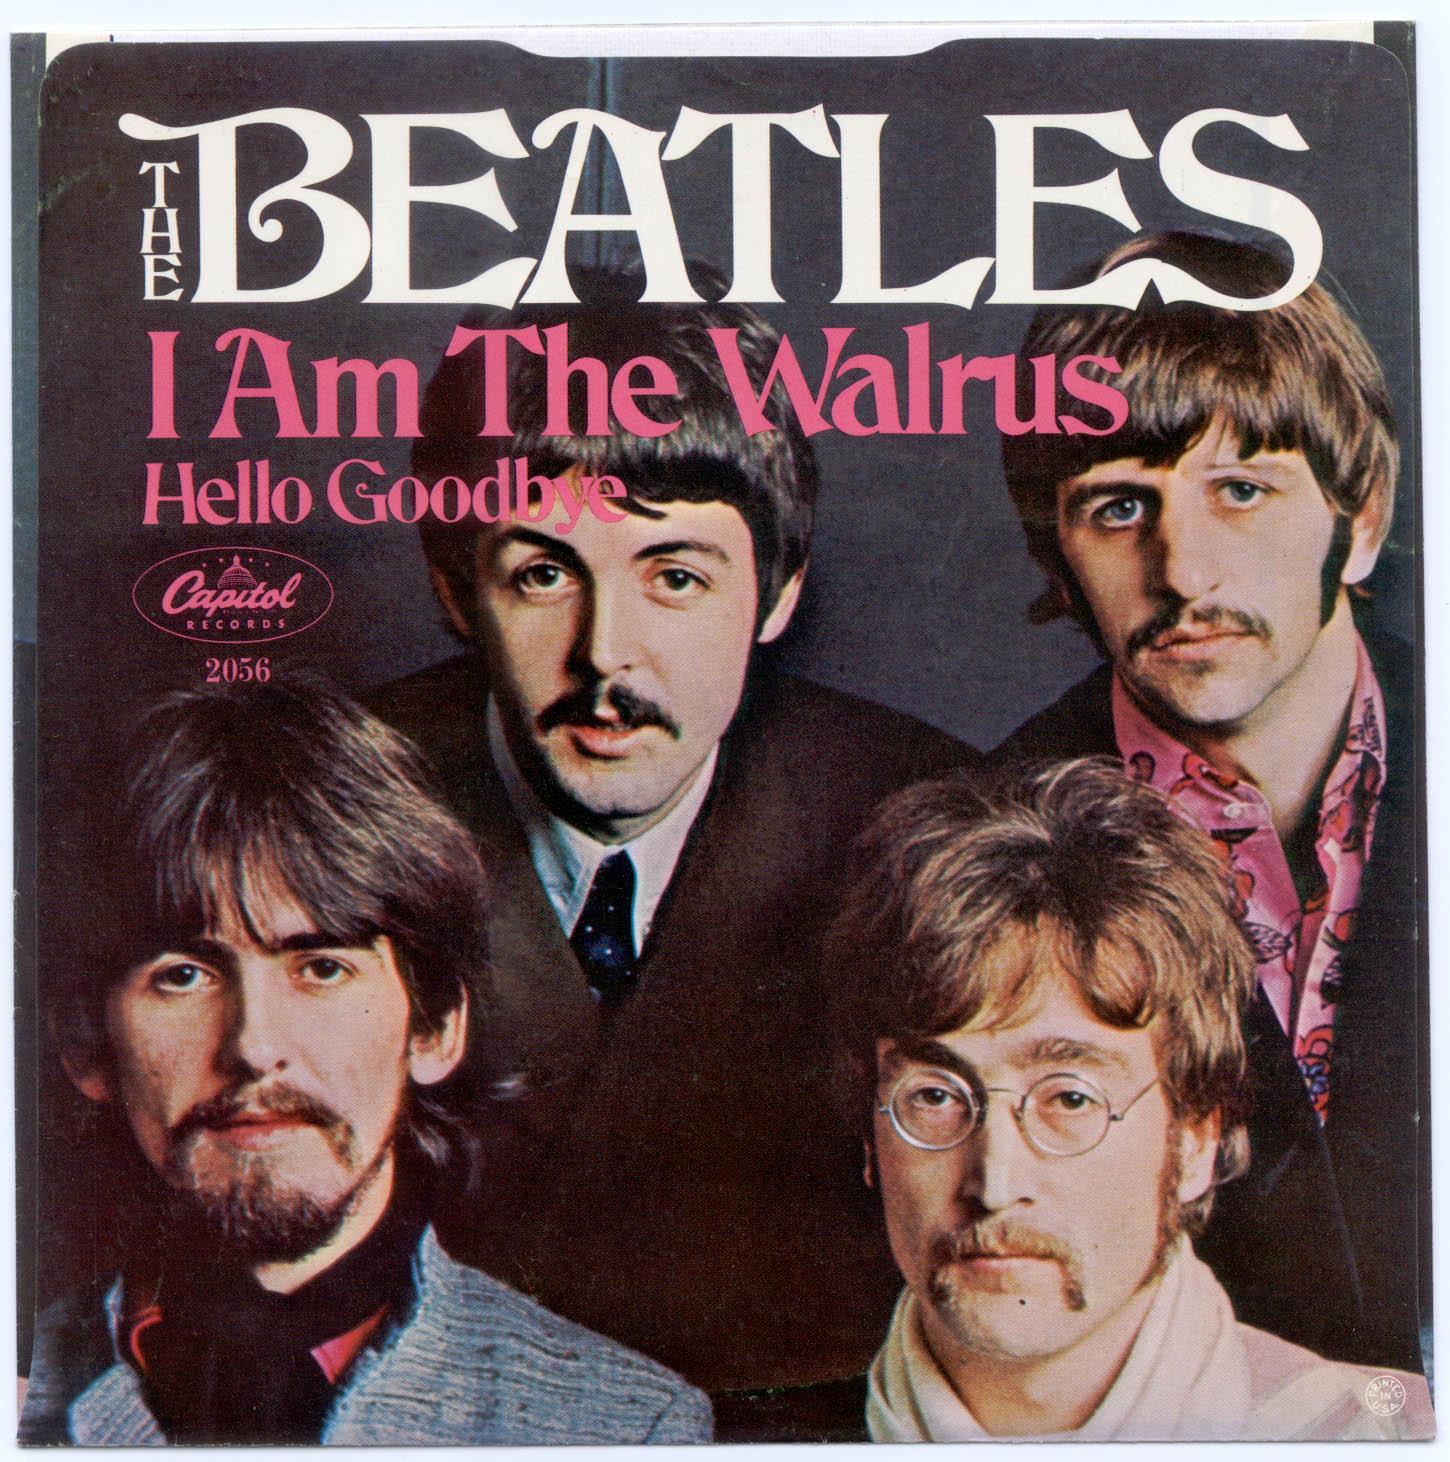 http://2.bp.blogspot.com/_AgZ5QyGu2q4/TCcfazn5_zI/AAAAAAAACN0/Vj1R_Lvro9g/s1600/beatles-walrus-1.jpg